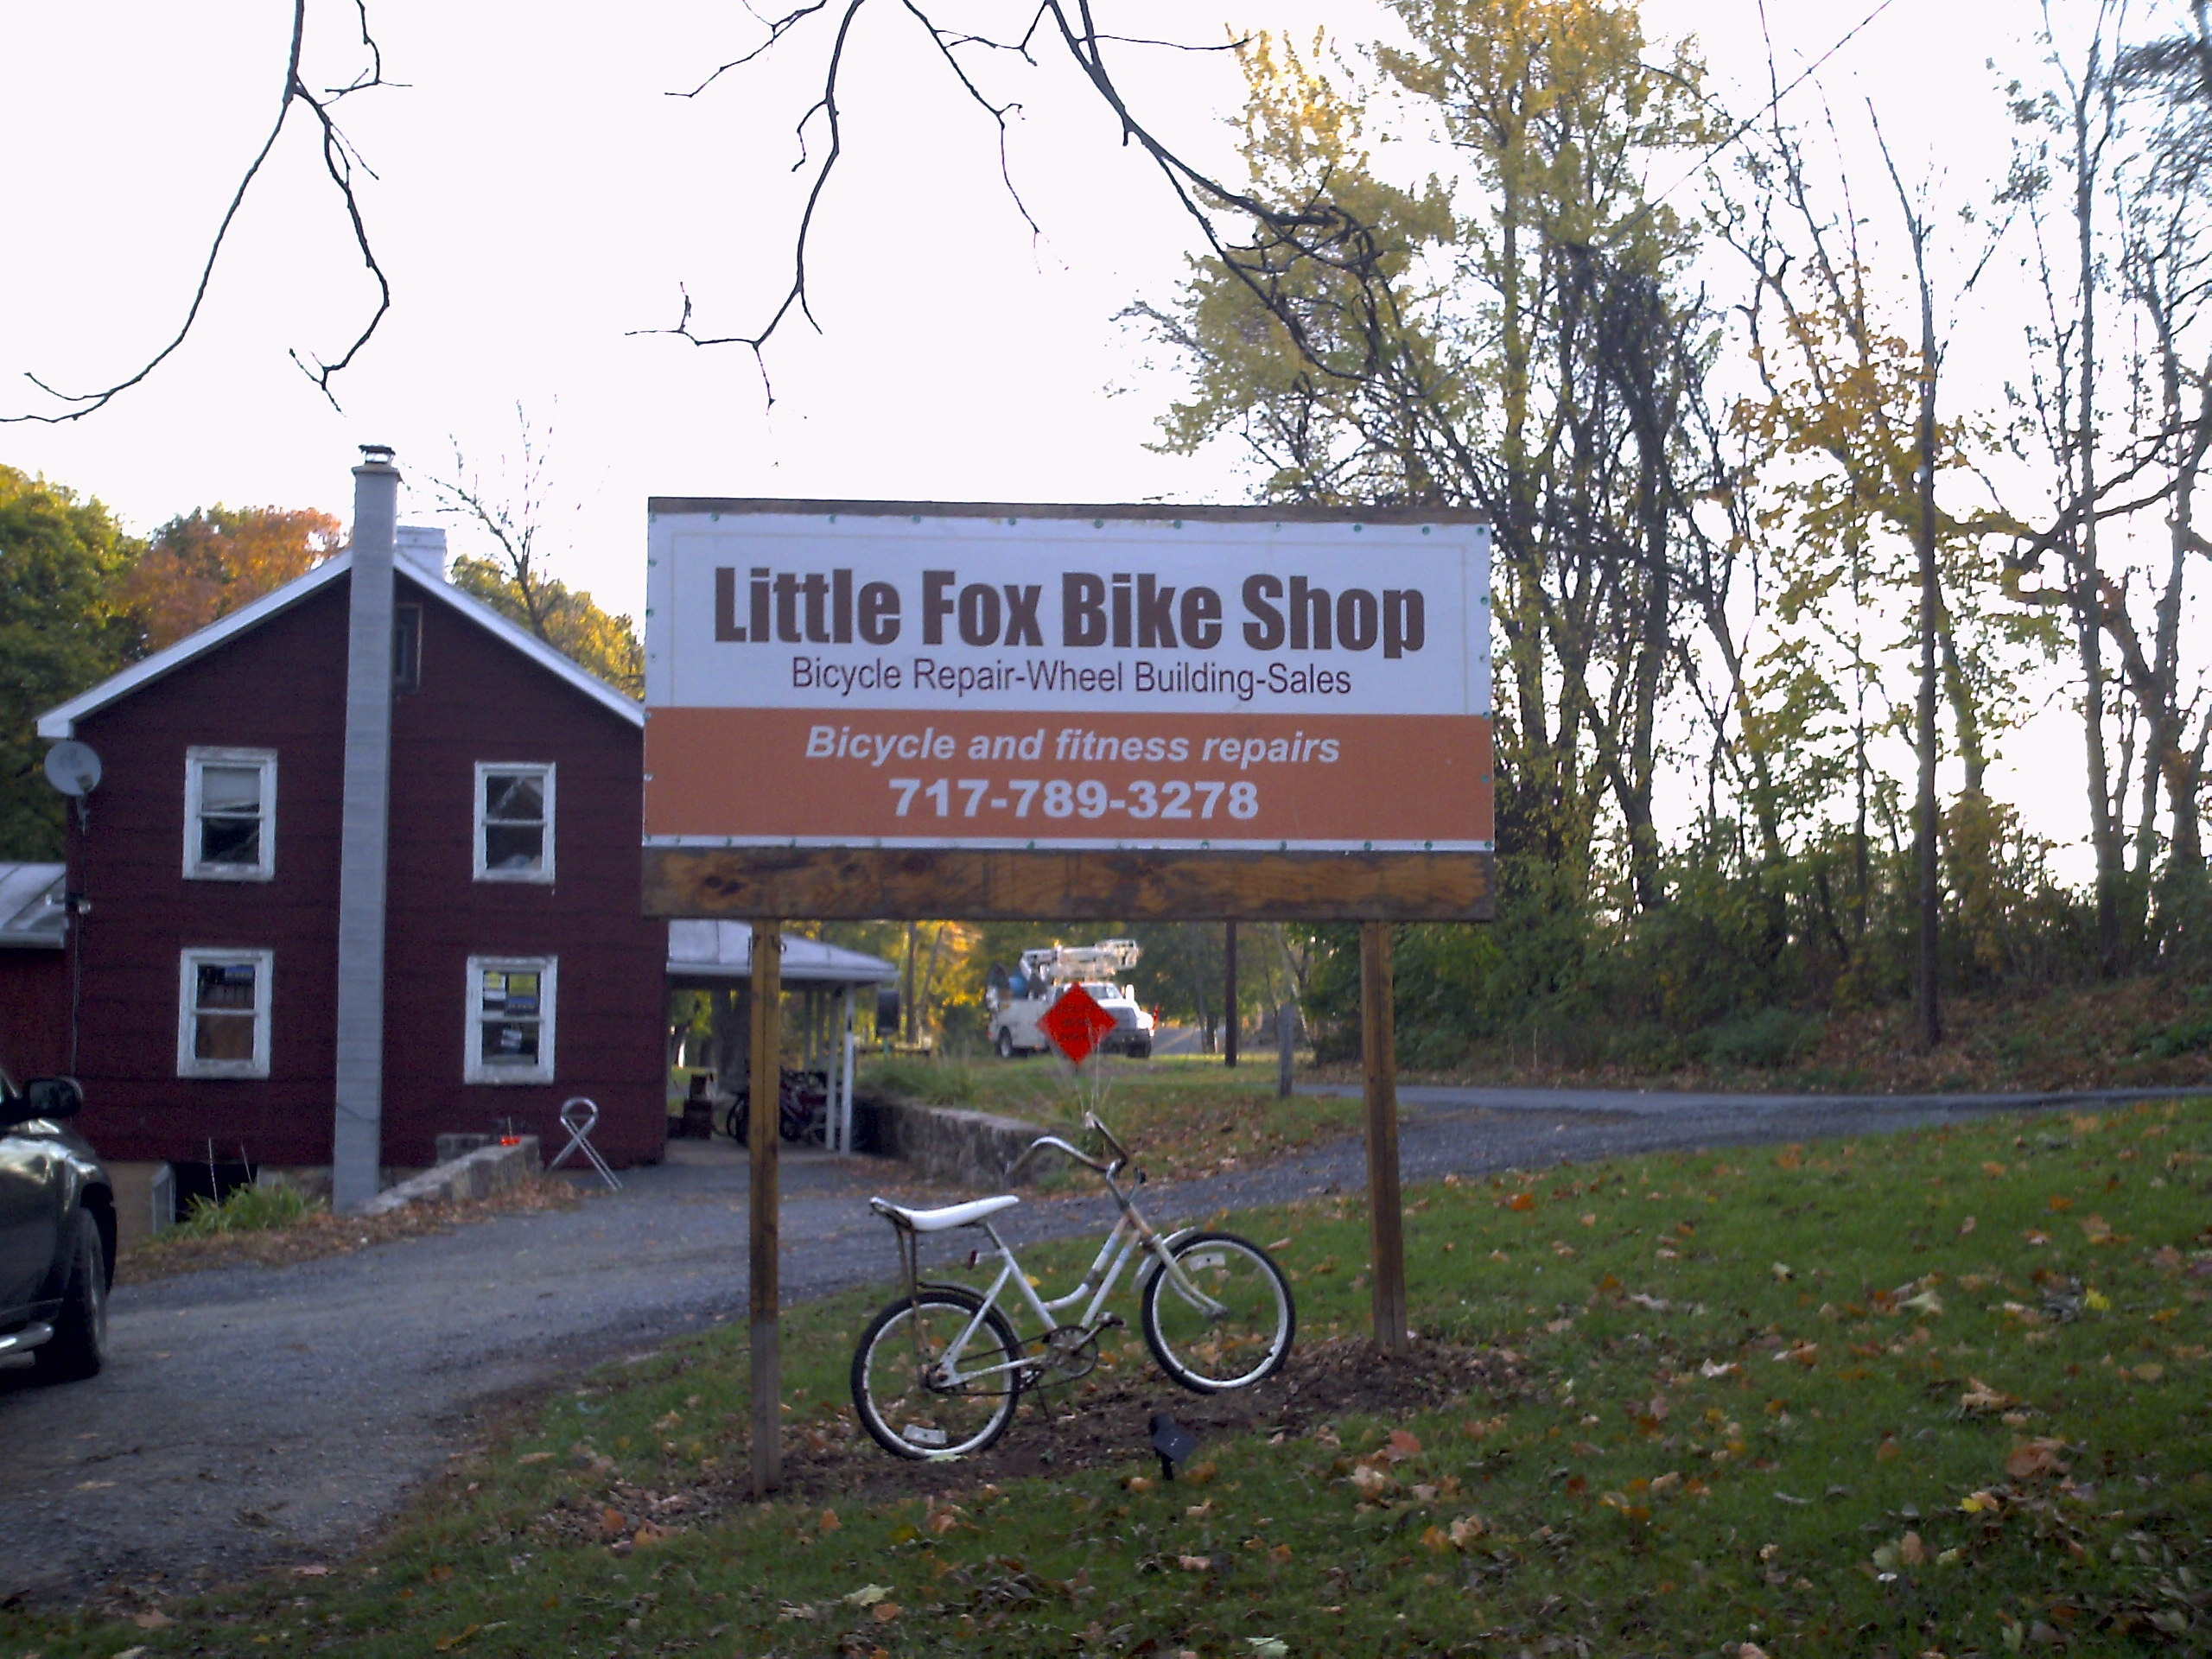 Little Fox Bike Shop image 0